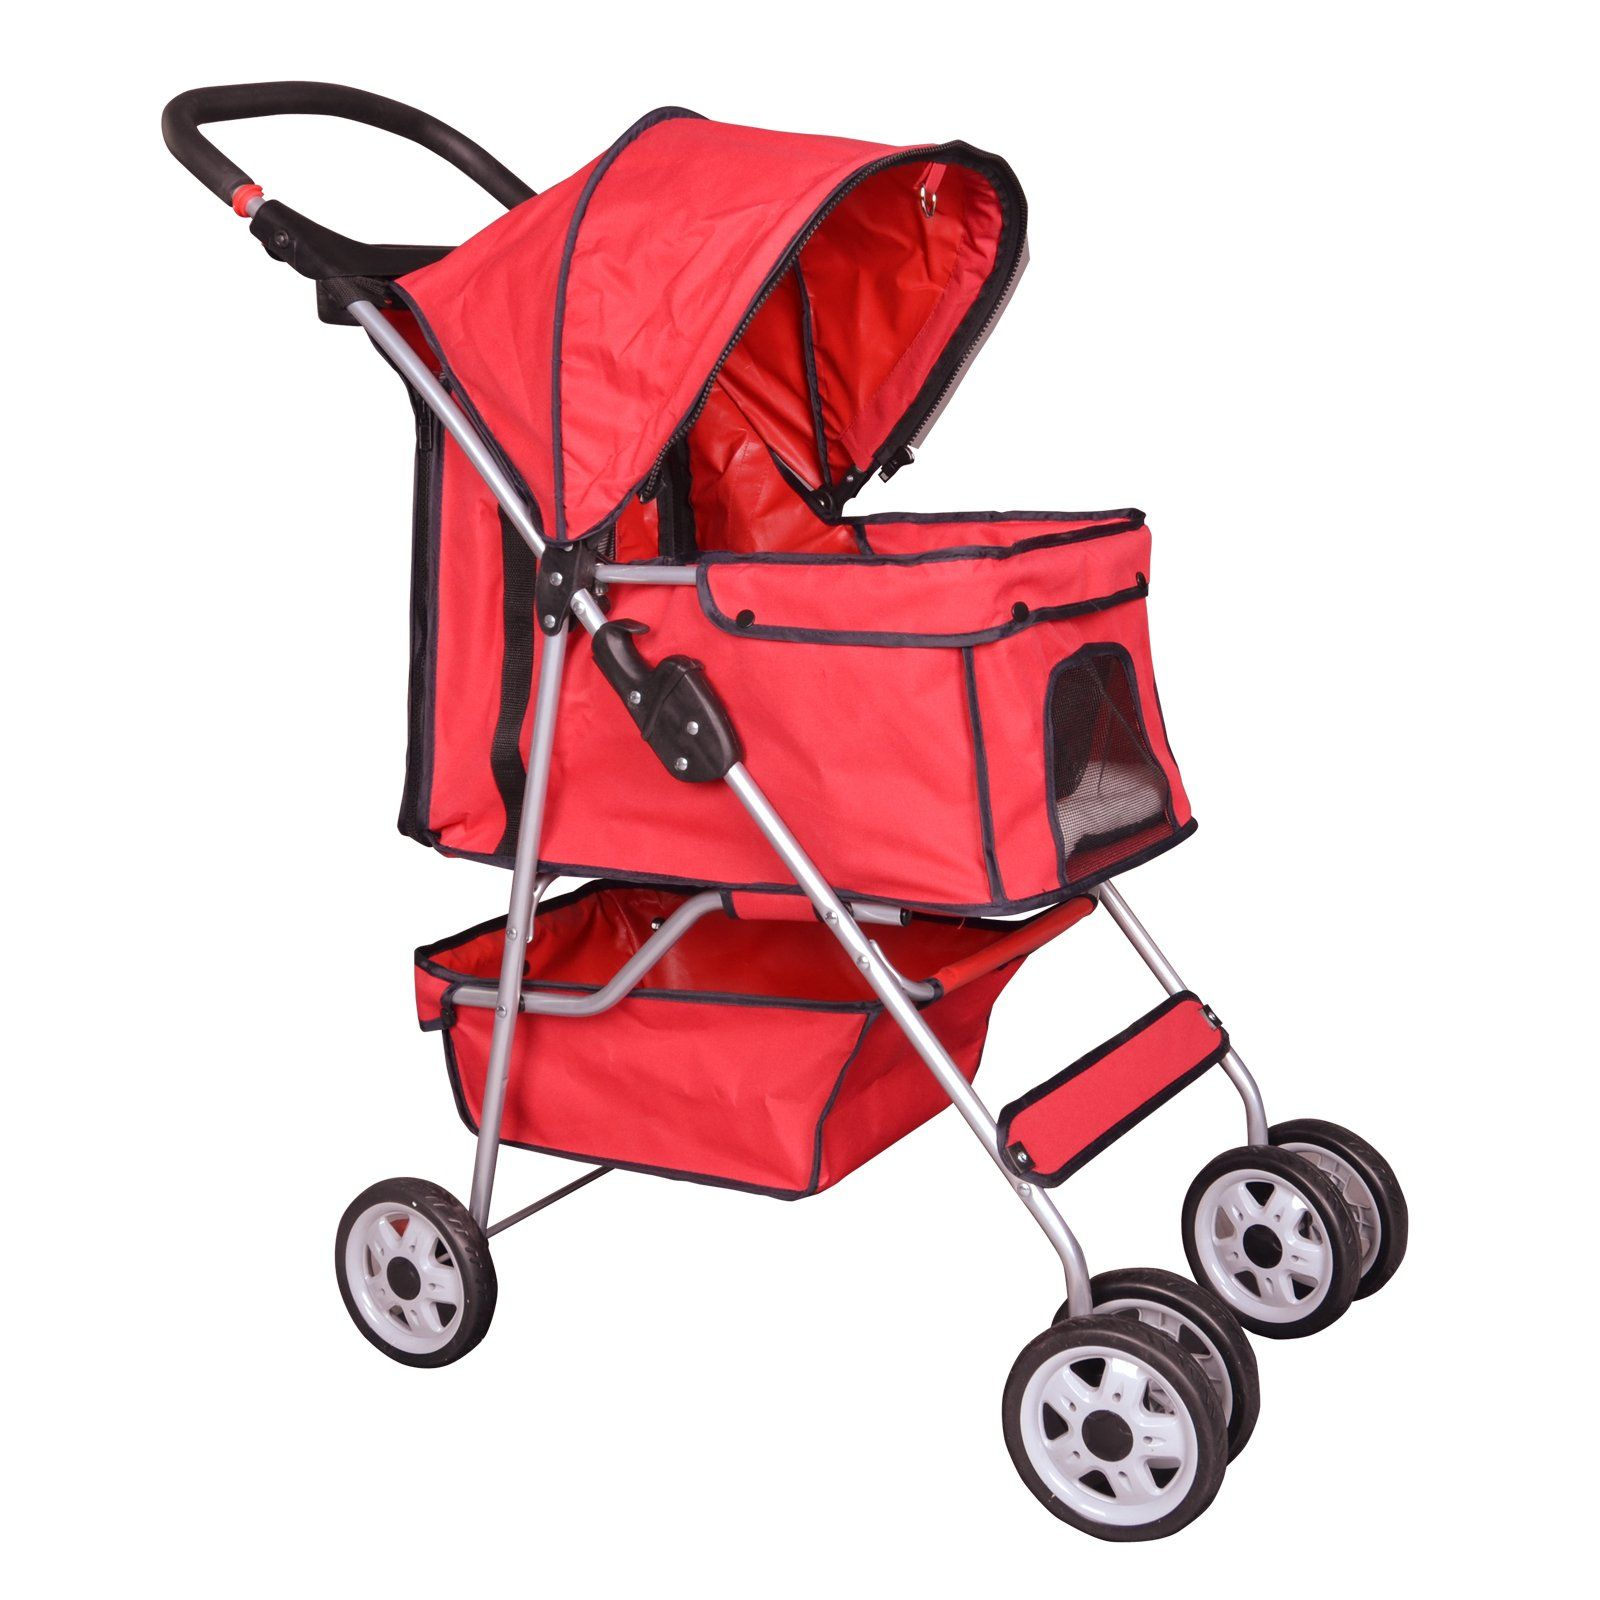 BestPet Red 4 Wheels Pet Stroller Cat Dog Cage Stroller